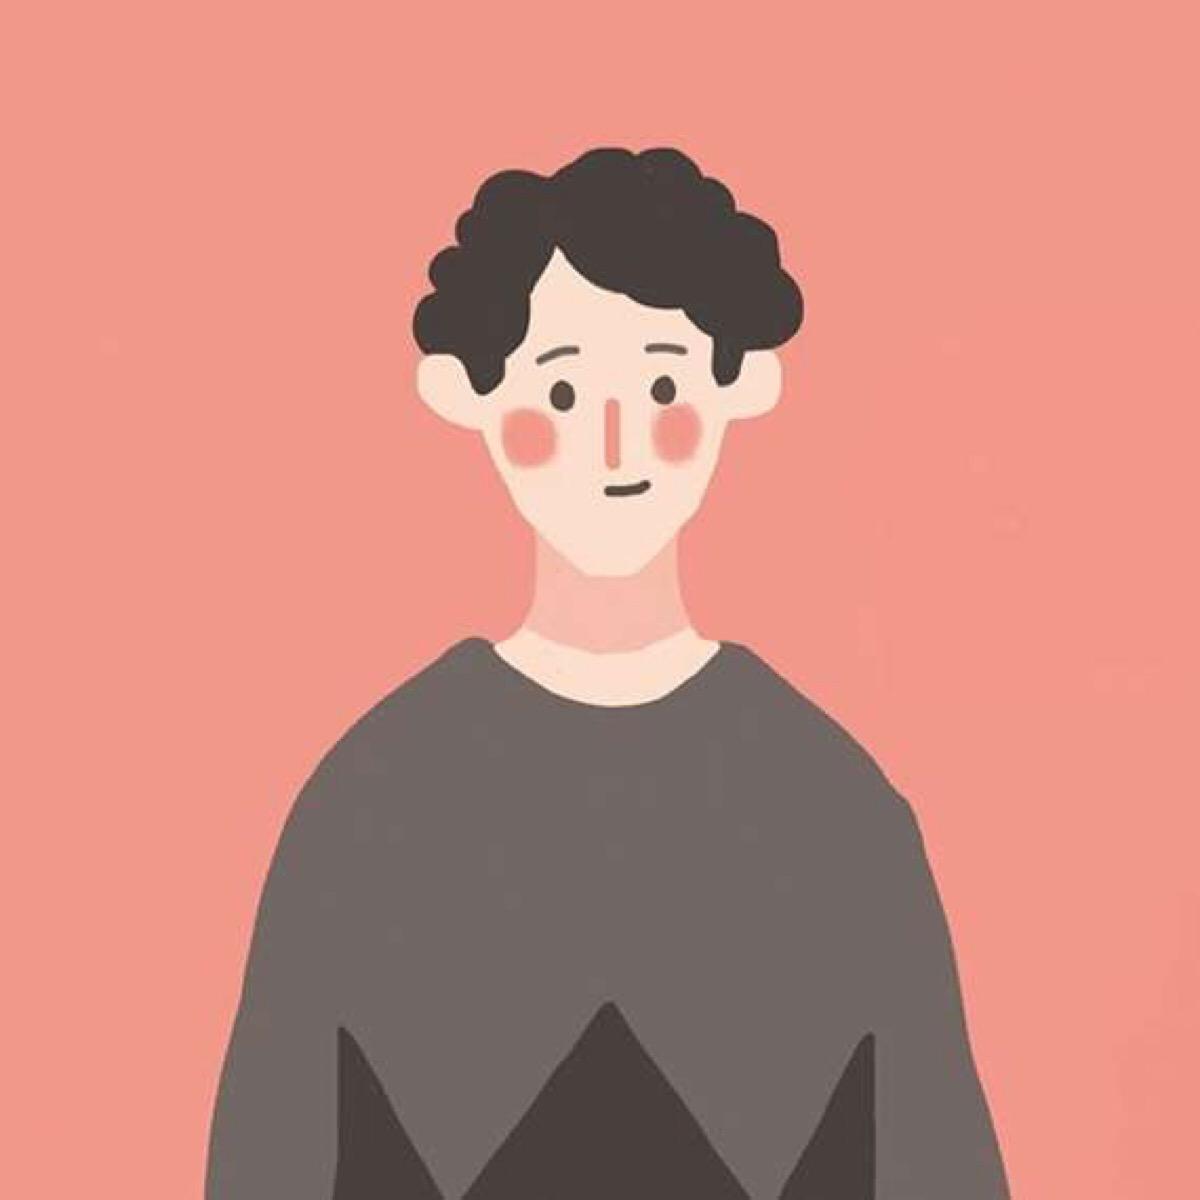 呆萌的可爱小男生QQ头像:我呆萌的世界你不懂_男生头像-ME个性网